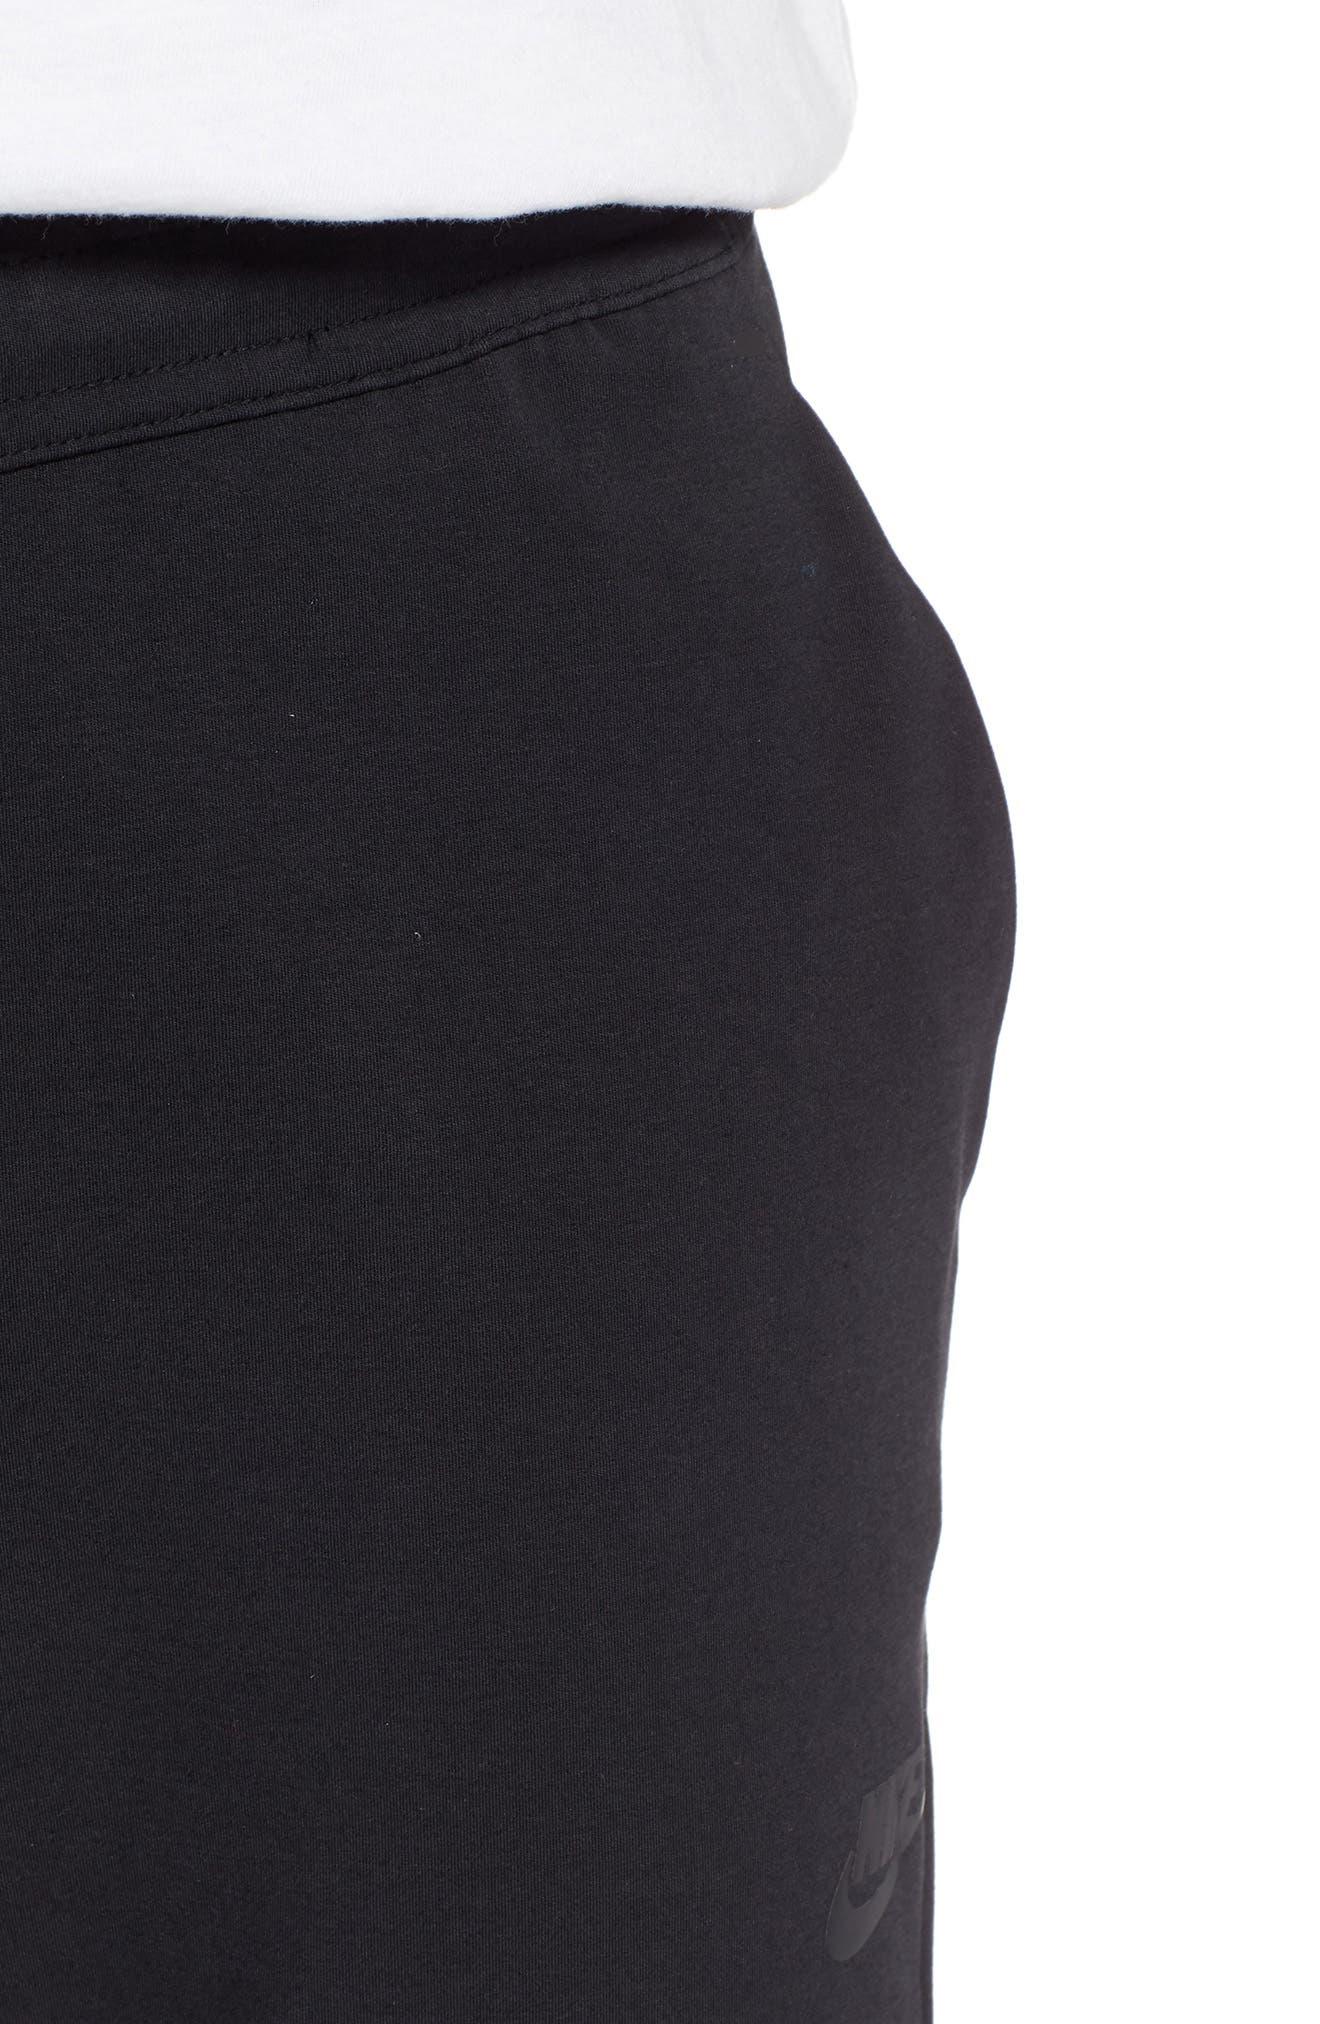 Tech Knit Jogger Pants,                             Alternate thumbnail 4, color,                             BLACK/ BLACK